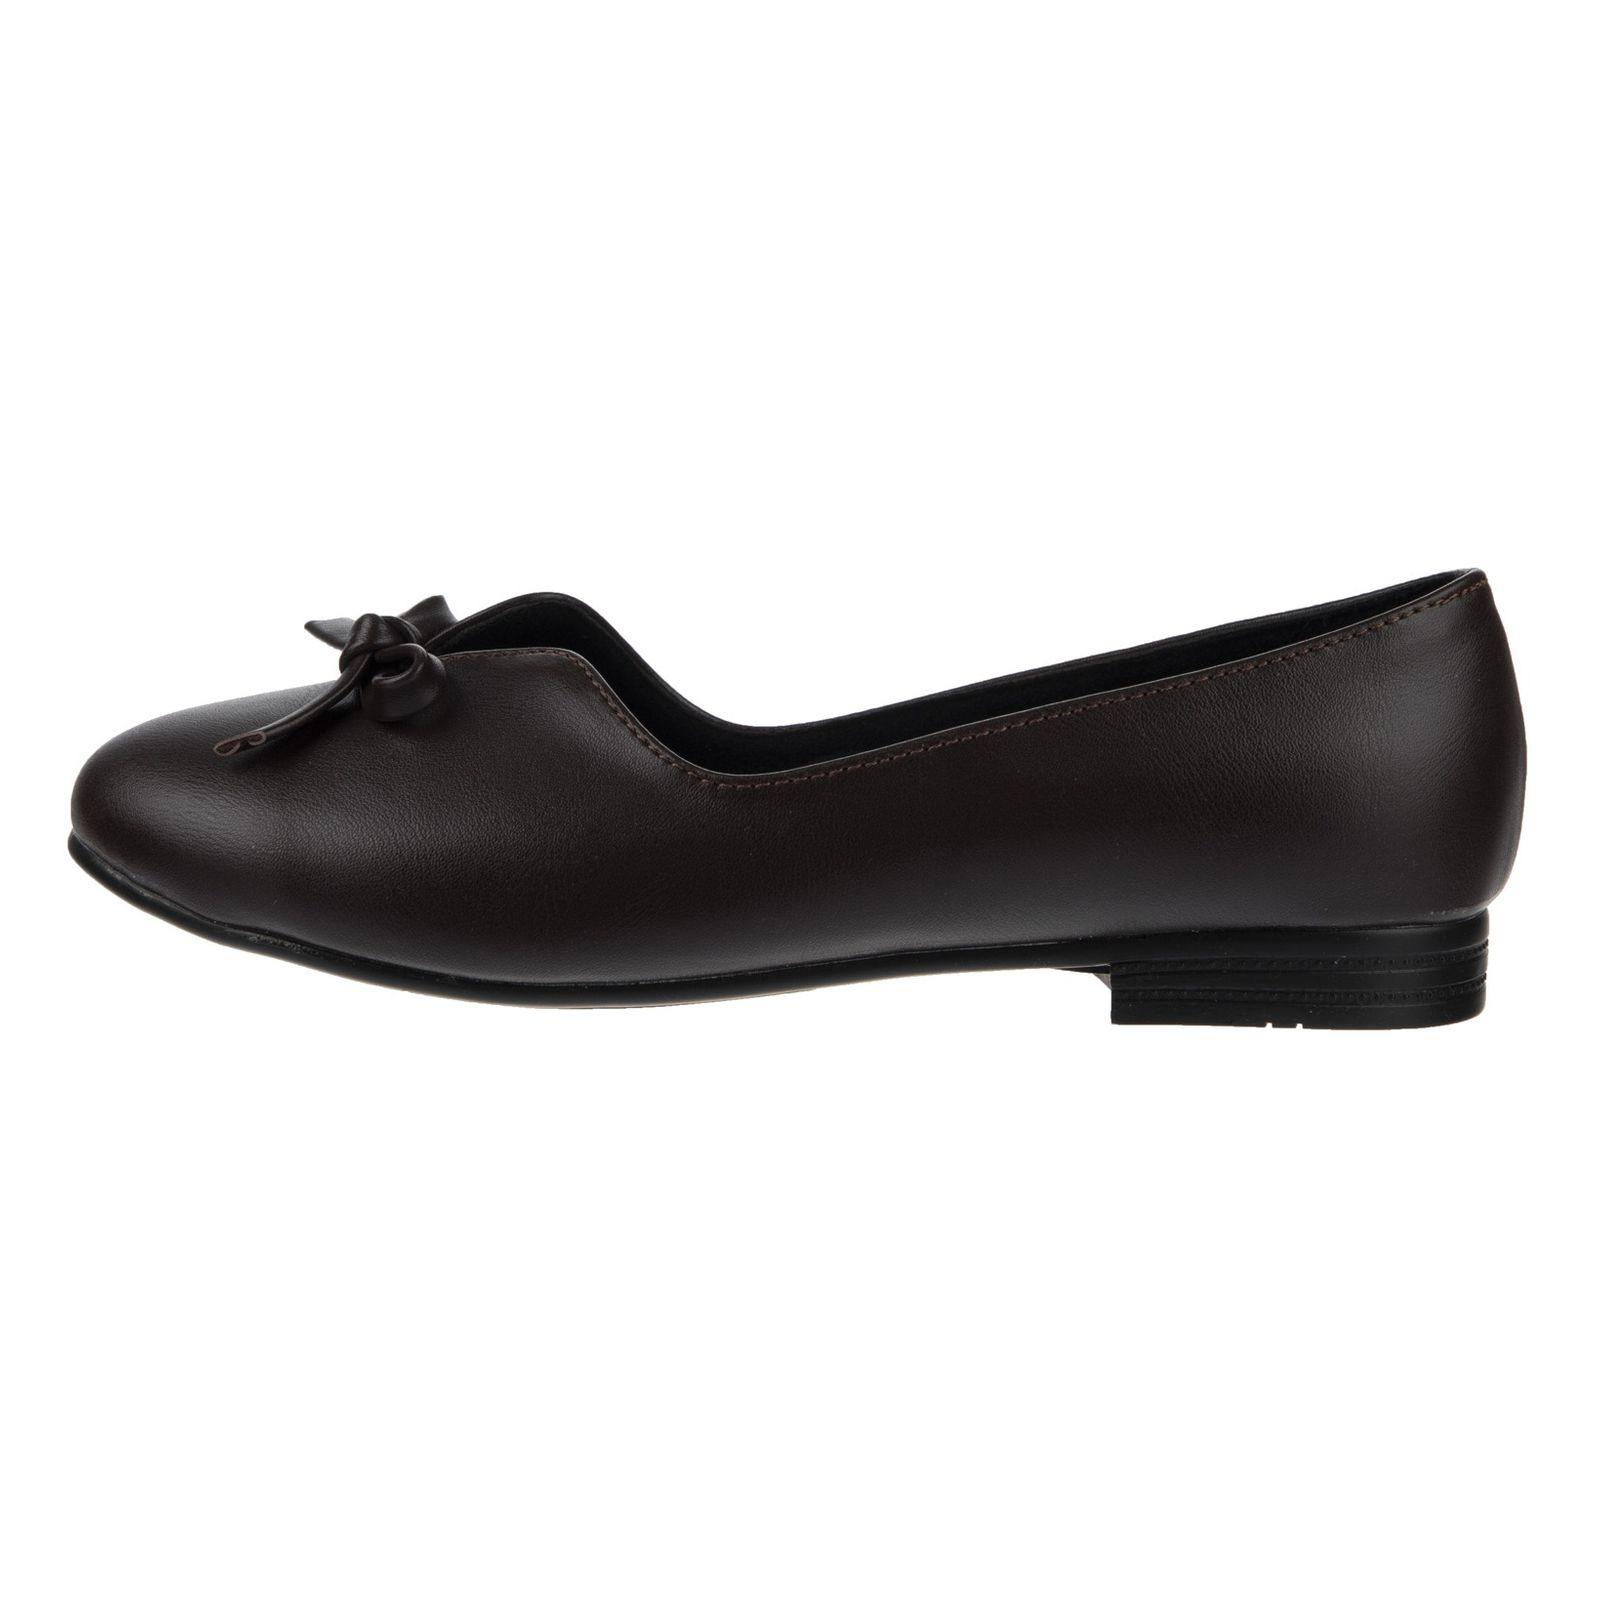 کفش تخت زنانه ام تو مدل 324-0006 -  - 1